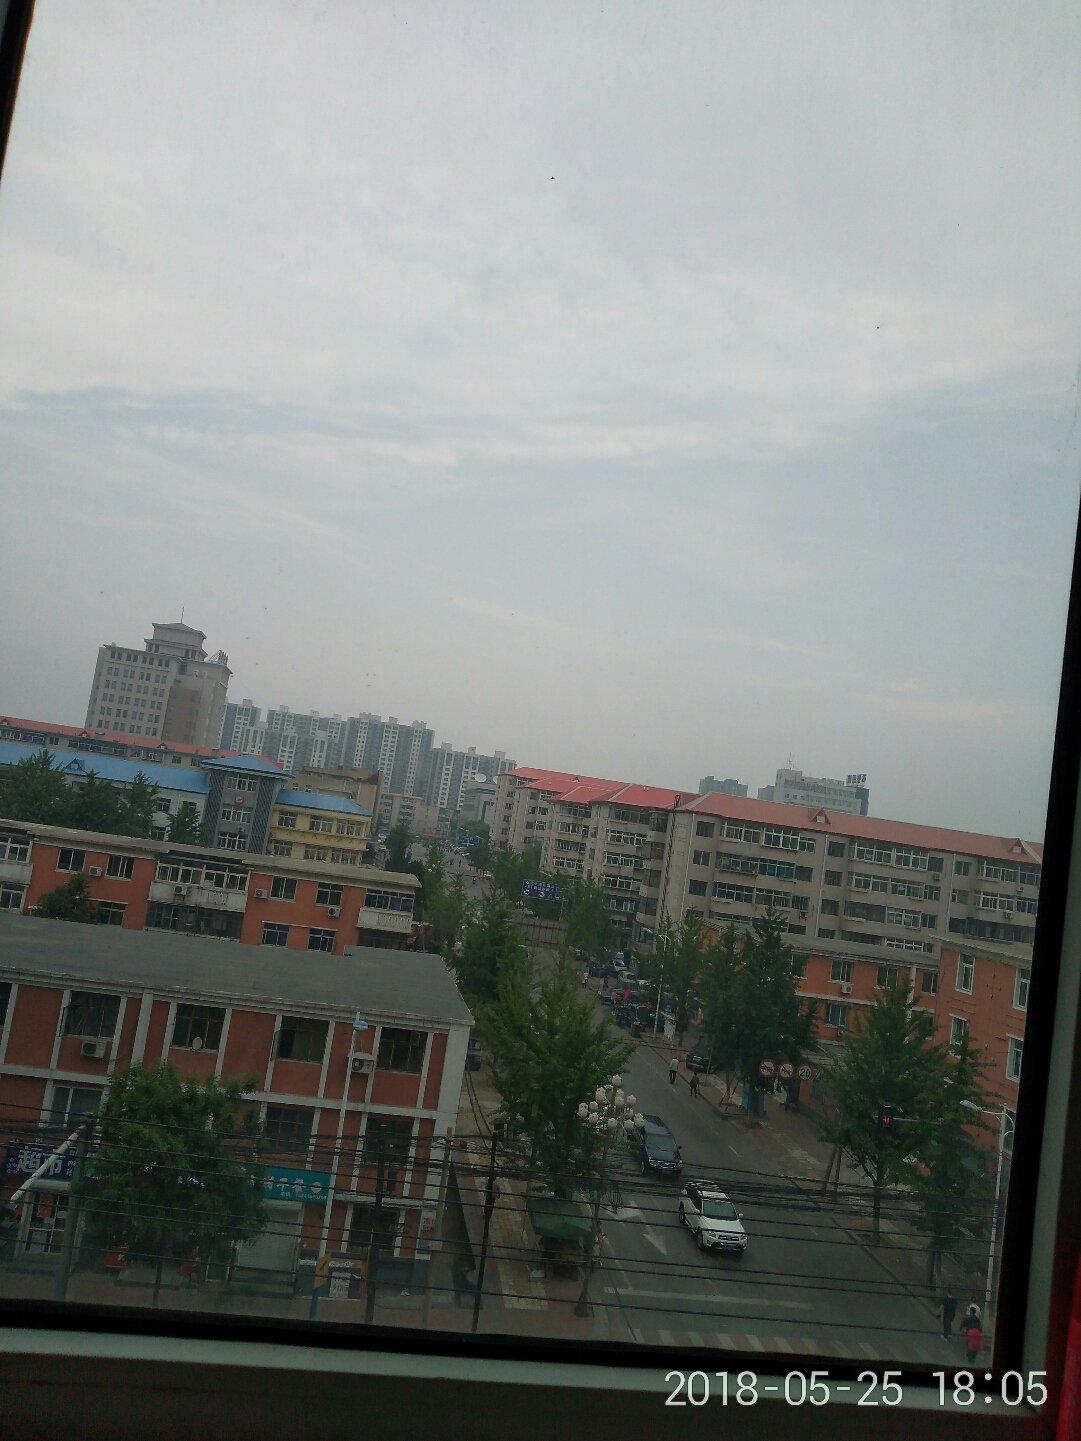 辽宁省锦州市古塔区石油街道滨河路兴业阳光天气预报